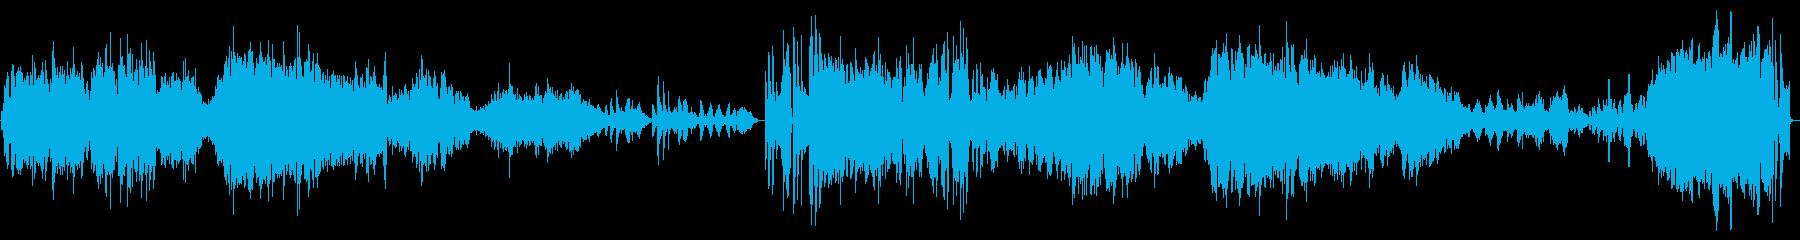 【生演奏】カッコいいバイオリンソナタ2章の再生済みの波形